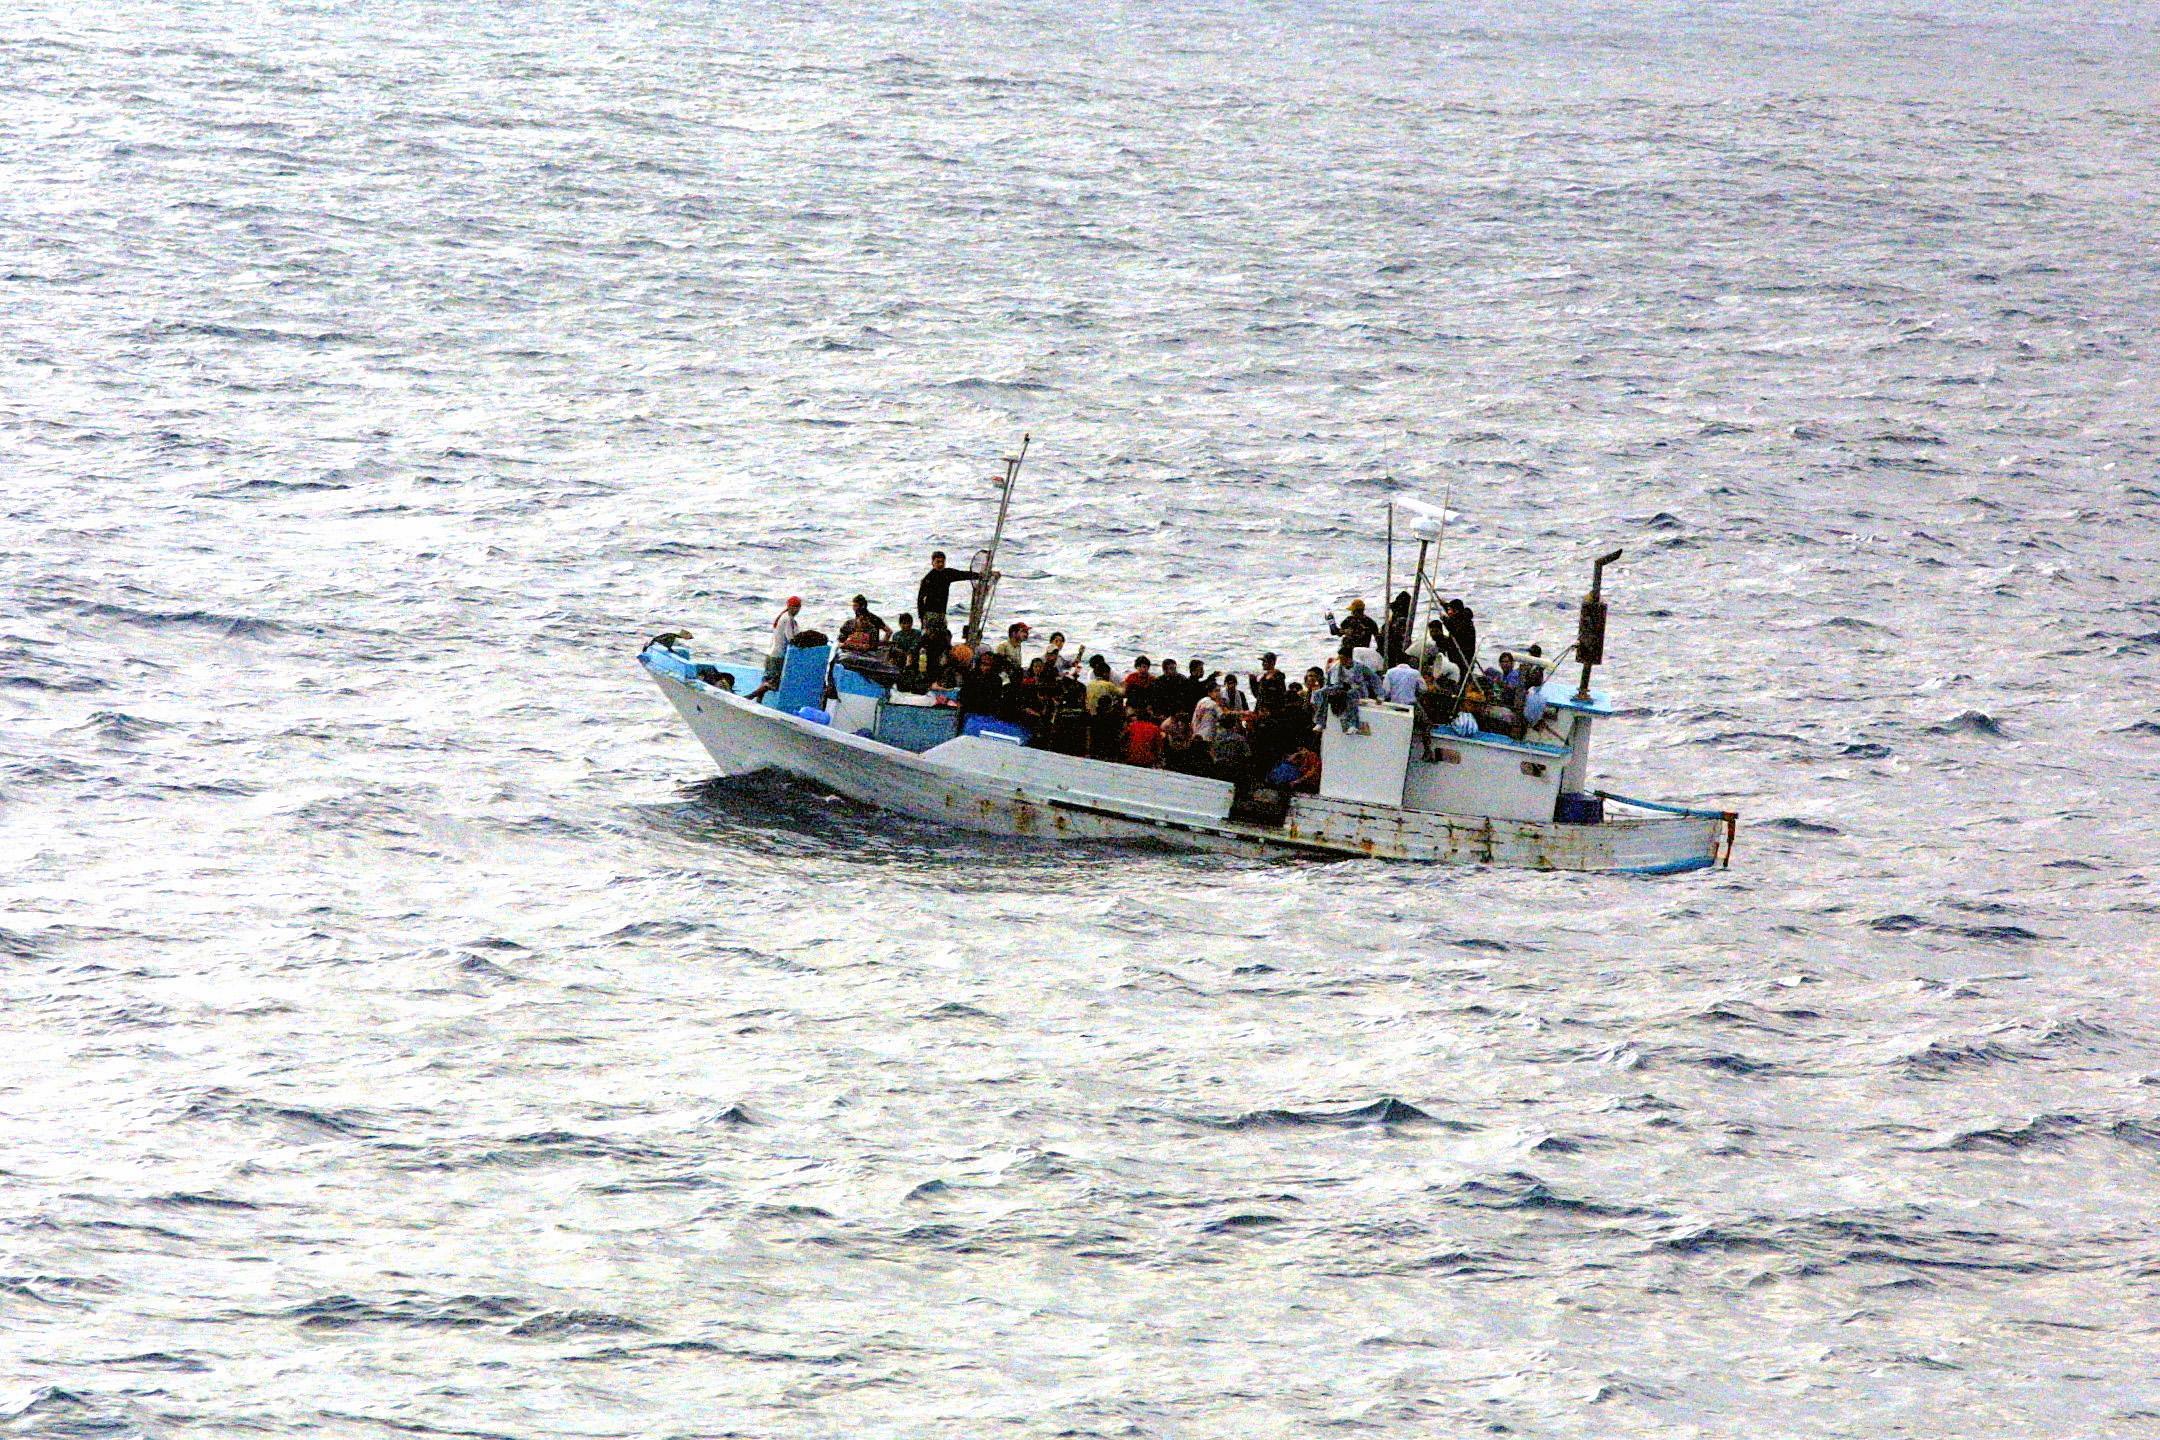 Embarcation de réfugiés en difficulté